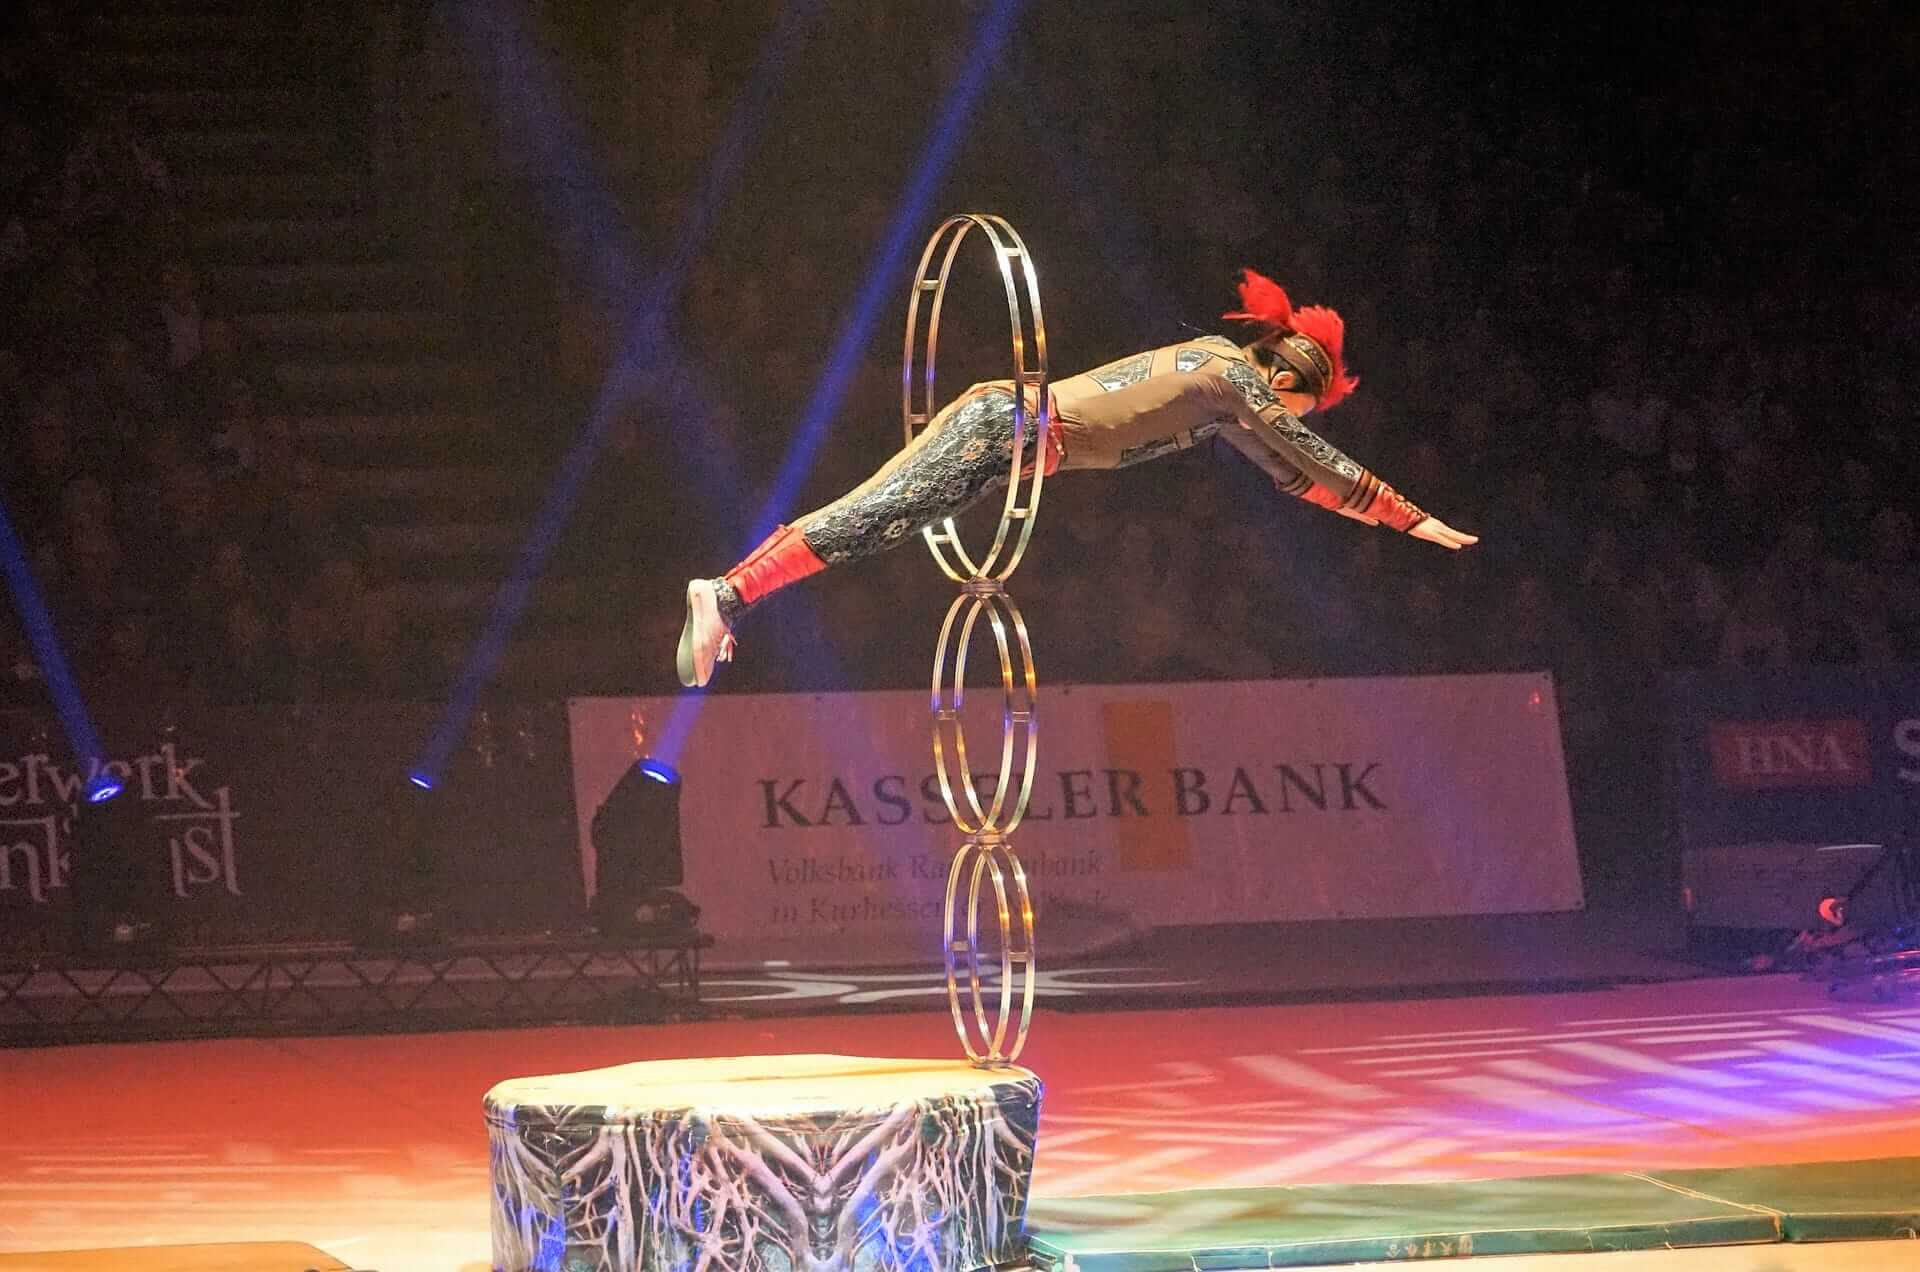 Atleta in costume che salta dentro un cerchio durante uno spettacolo.